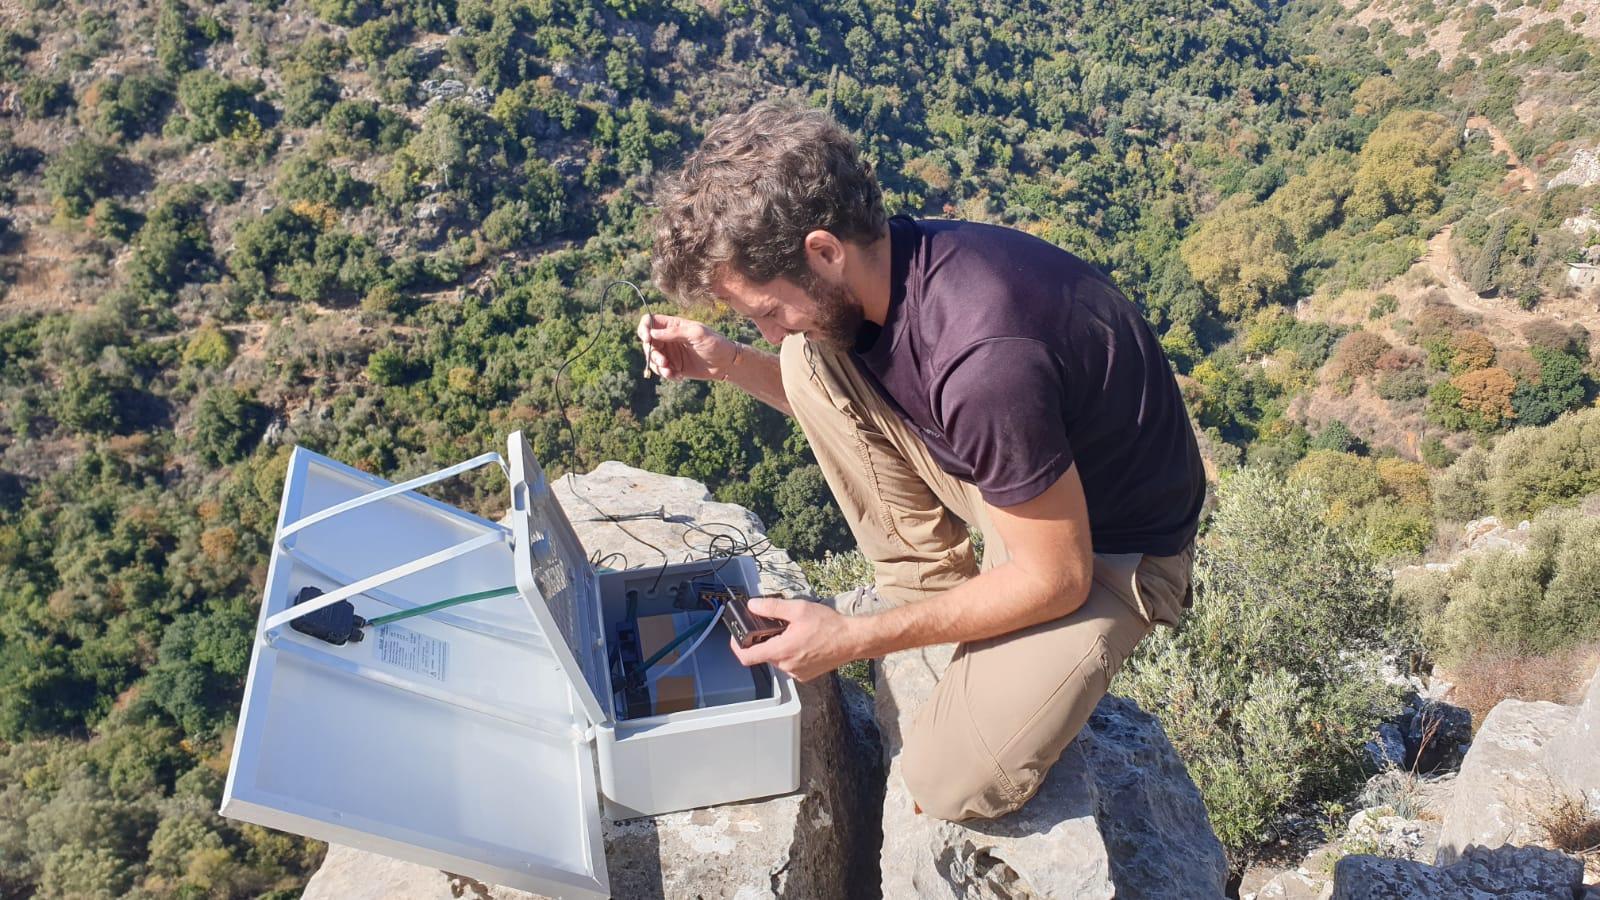 Shachar Katzir instala una estación SOS WiFi en Nahal Amud. Foto cortesía de Bein Hashitin